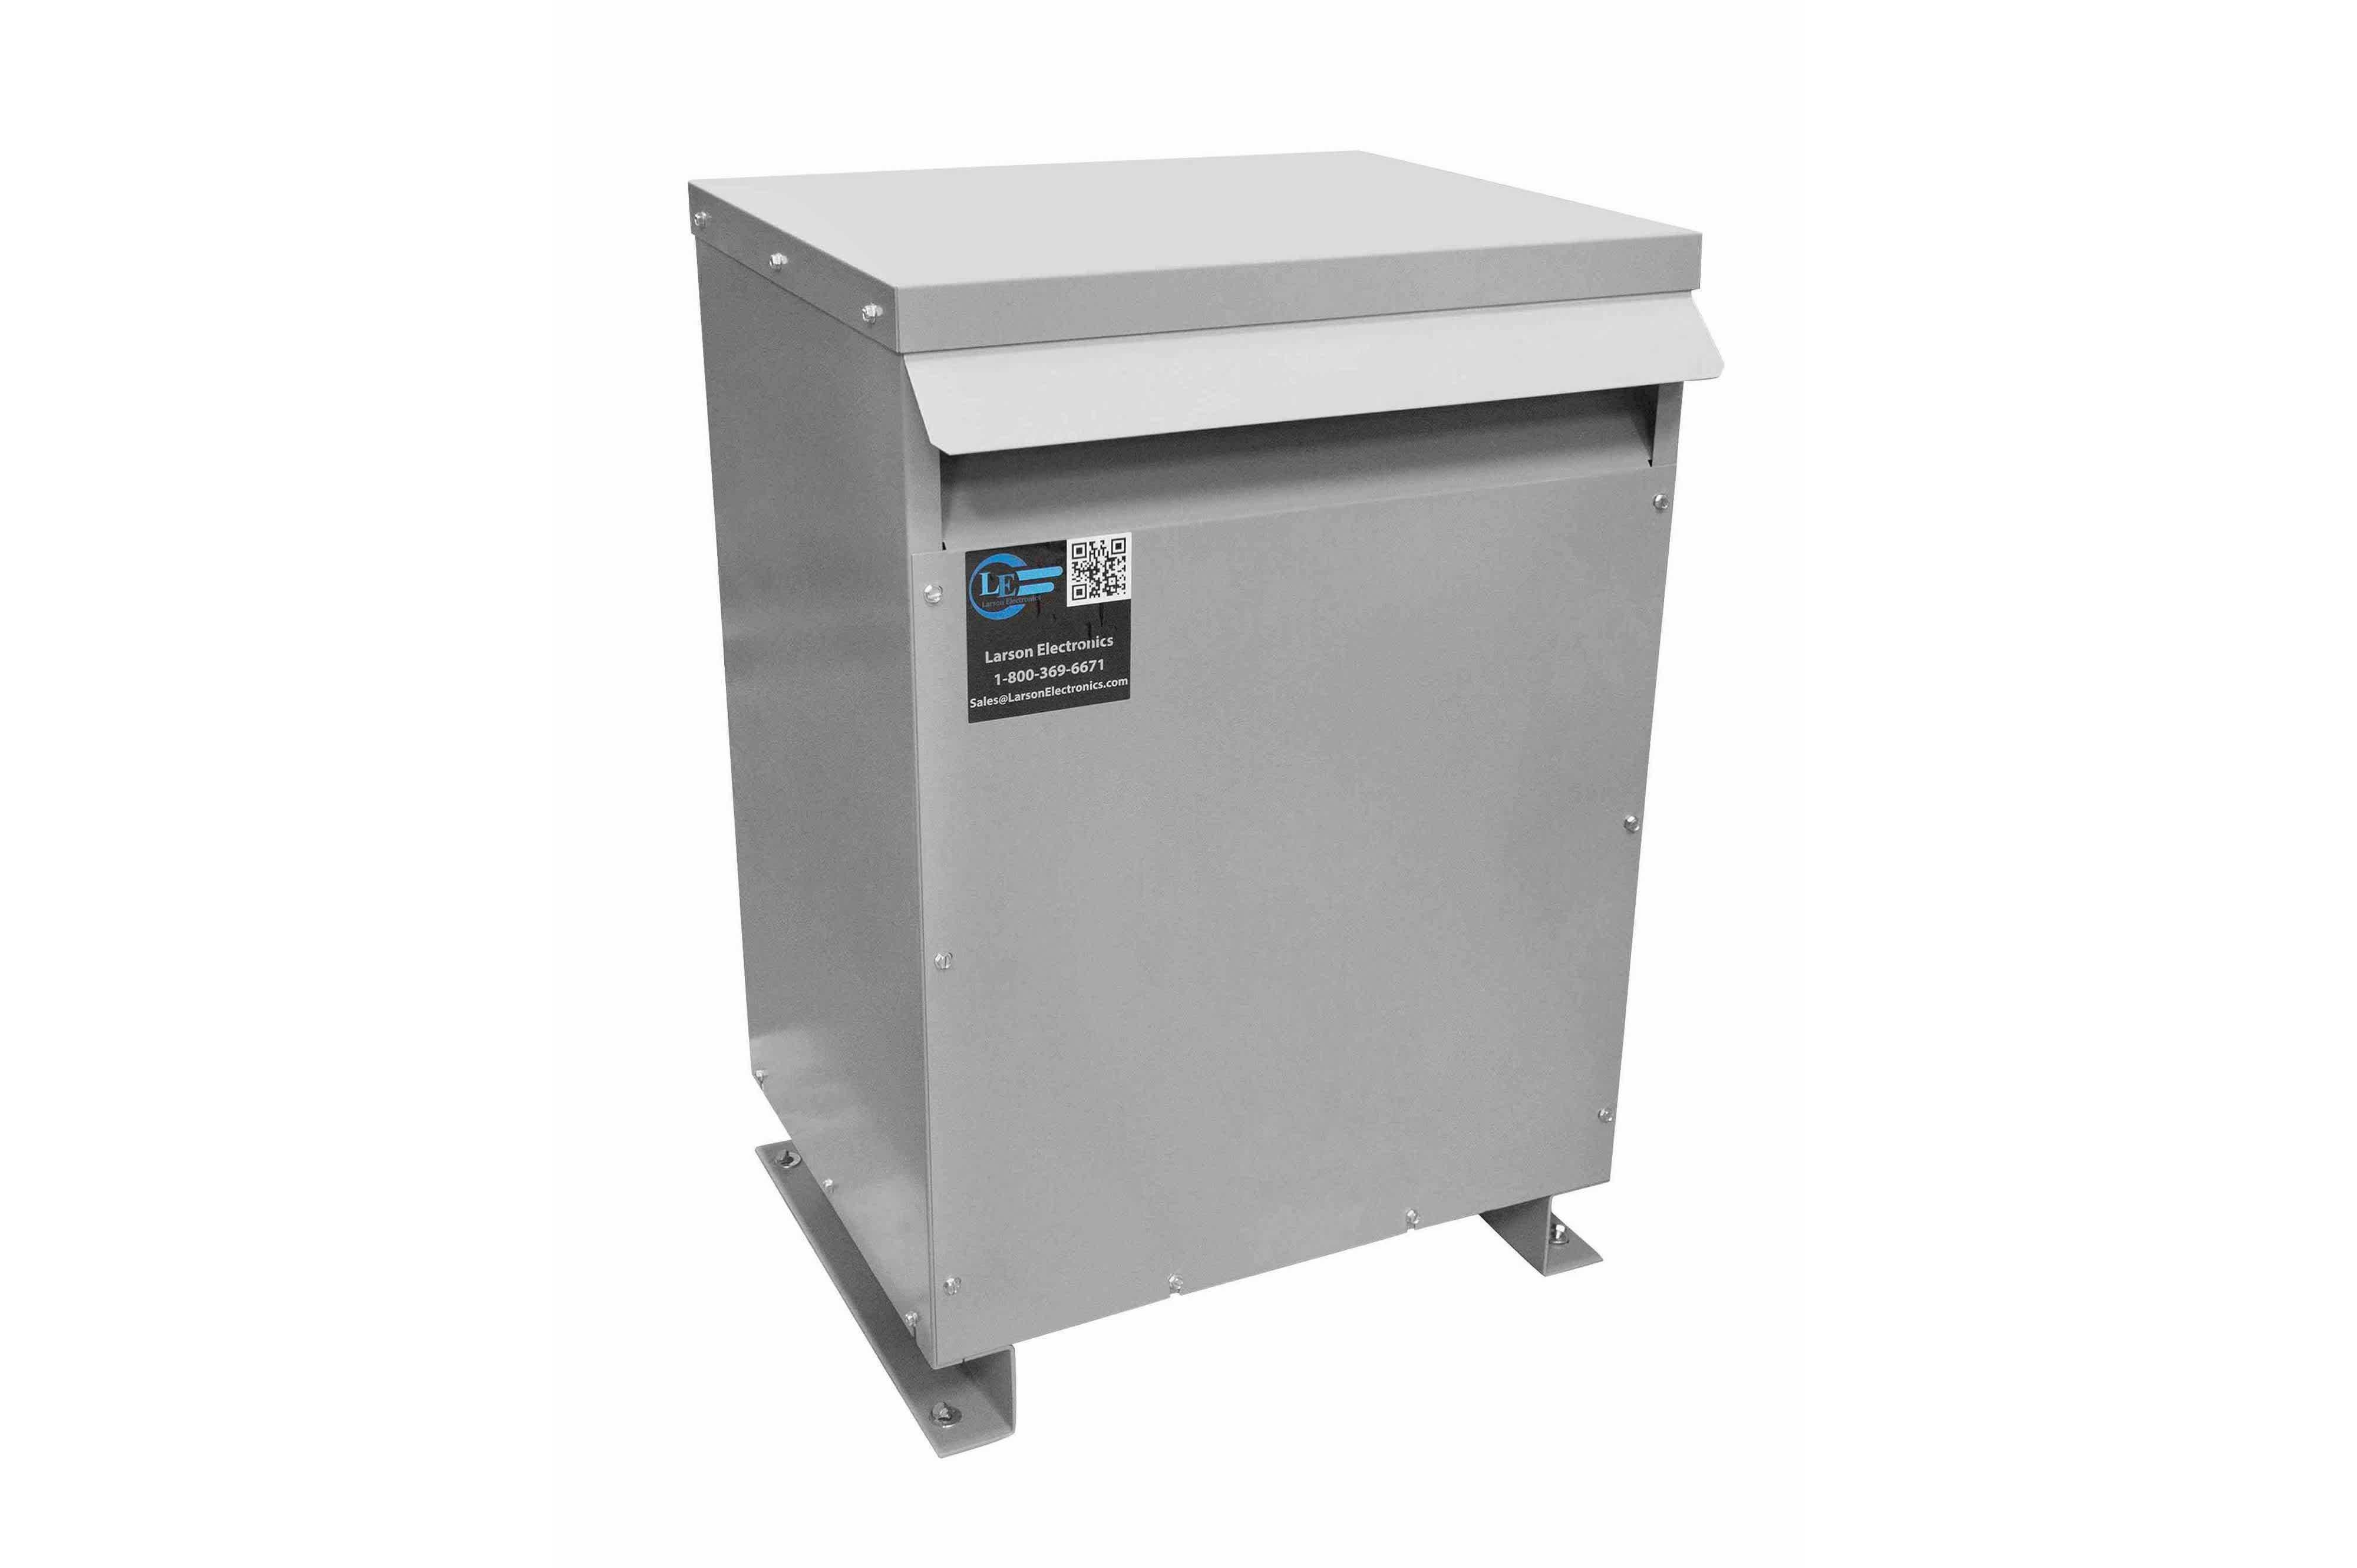 60 kVA 3PH Isolation Transformer, 480V Delta Primary, 480V Delta Secondary, N3R, Ventilated, 60 Hz